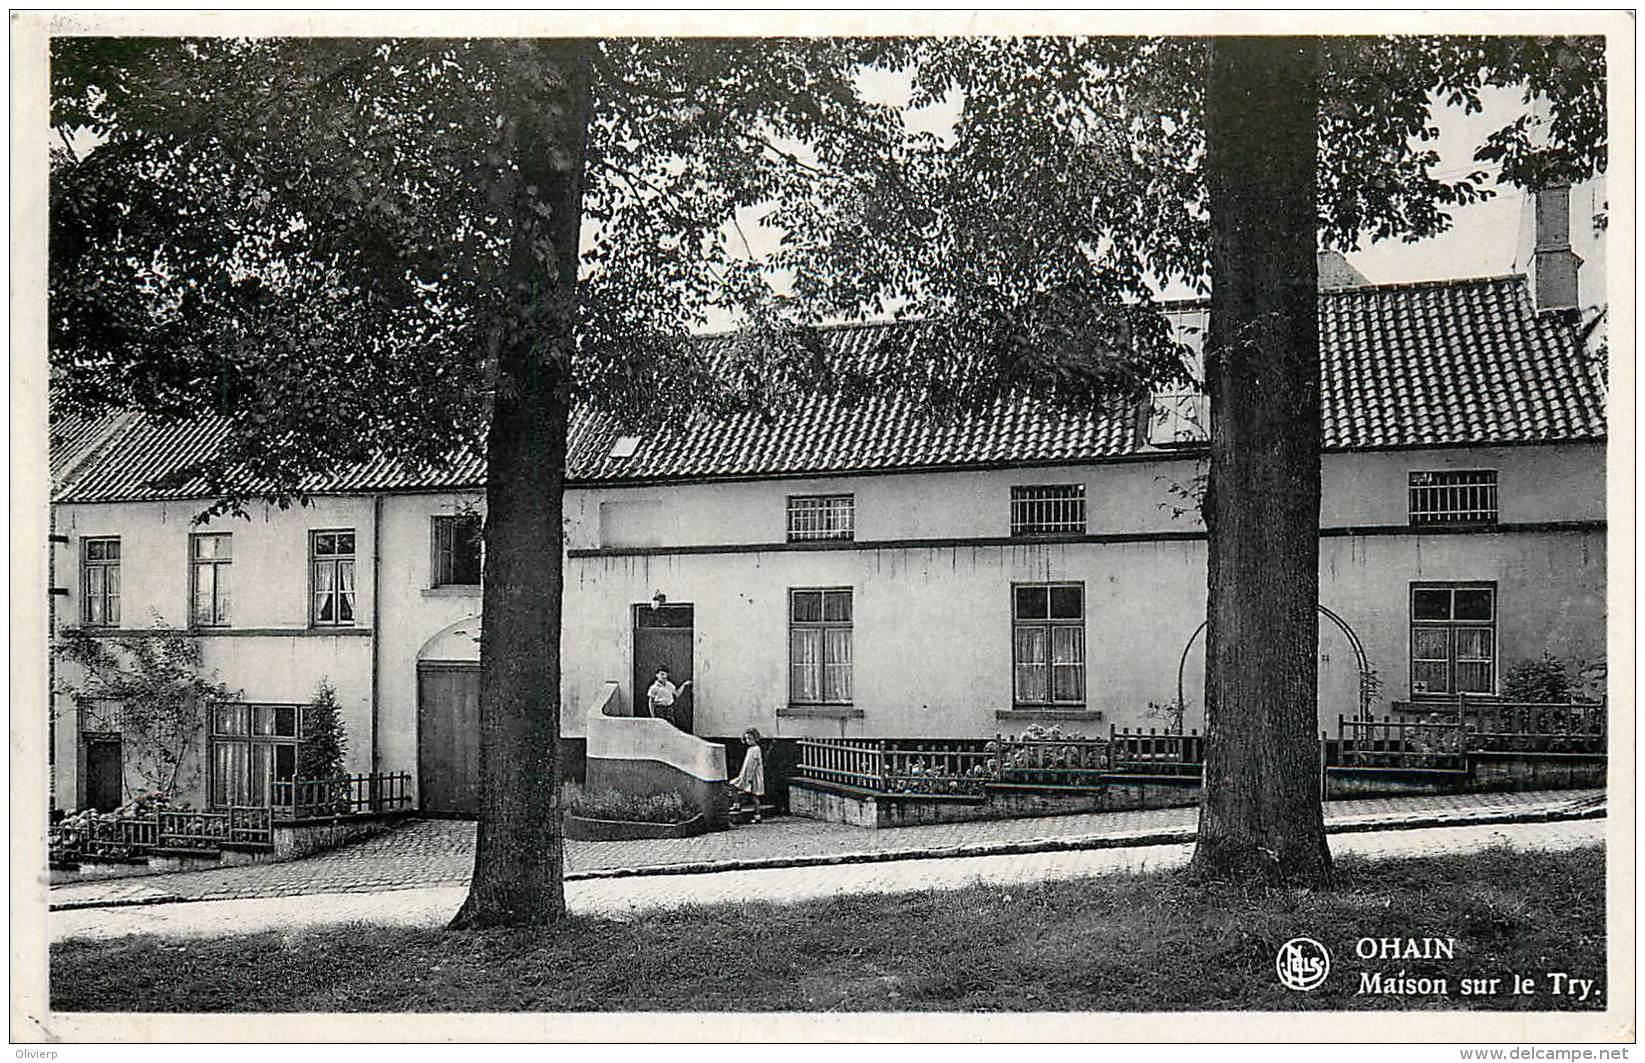 Lasne - Ohain - Maison Sur Le Try - Lasne